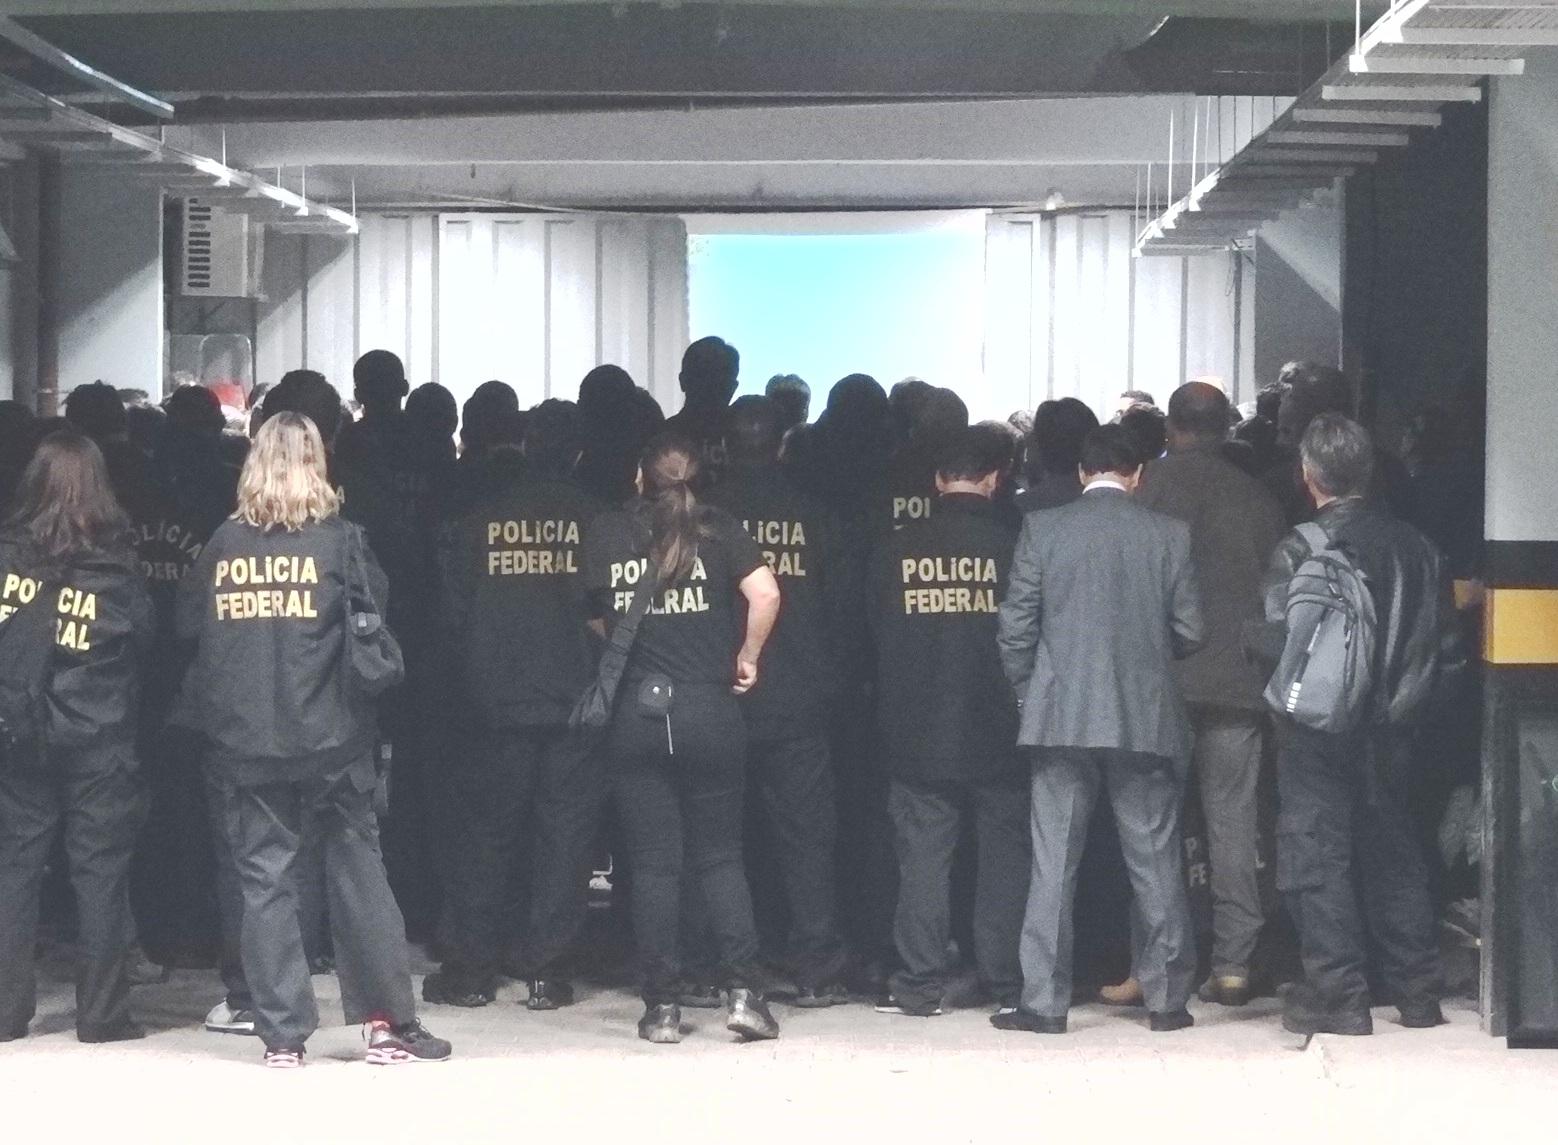 Operação Esopo da Polícia Federal realizada em dez estados mais o Distrito Federal realiza prisões e apreensões (FOTO: Polícia Federal)